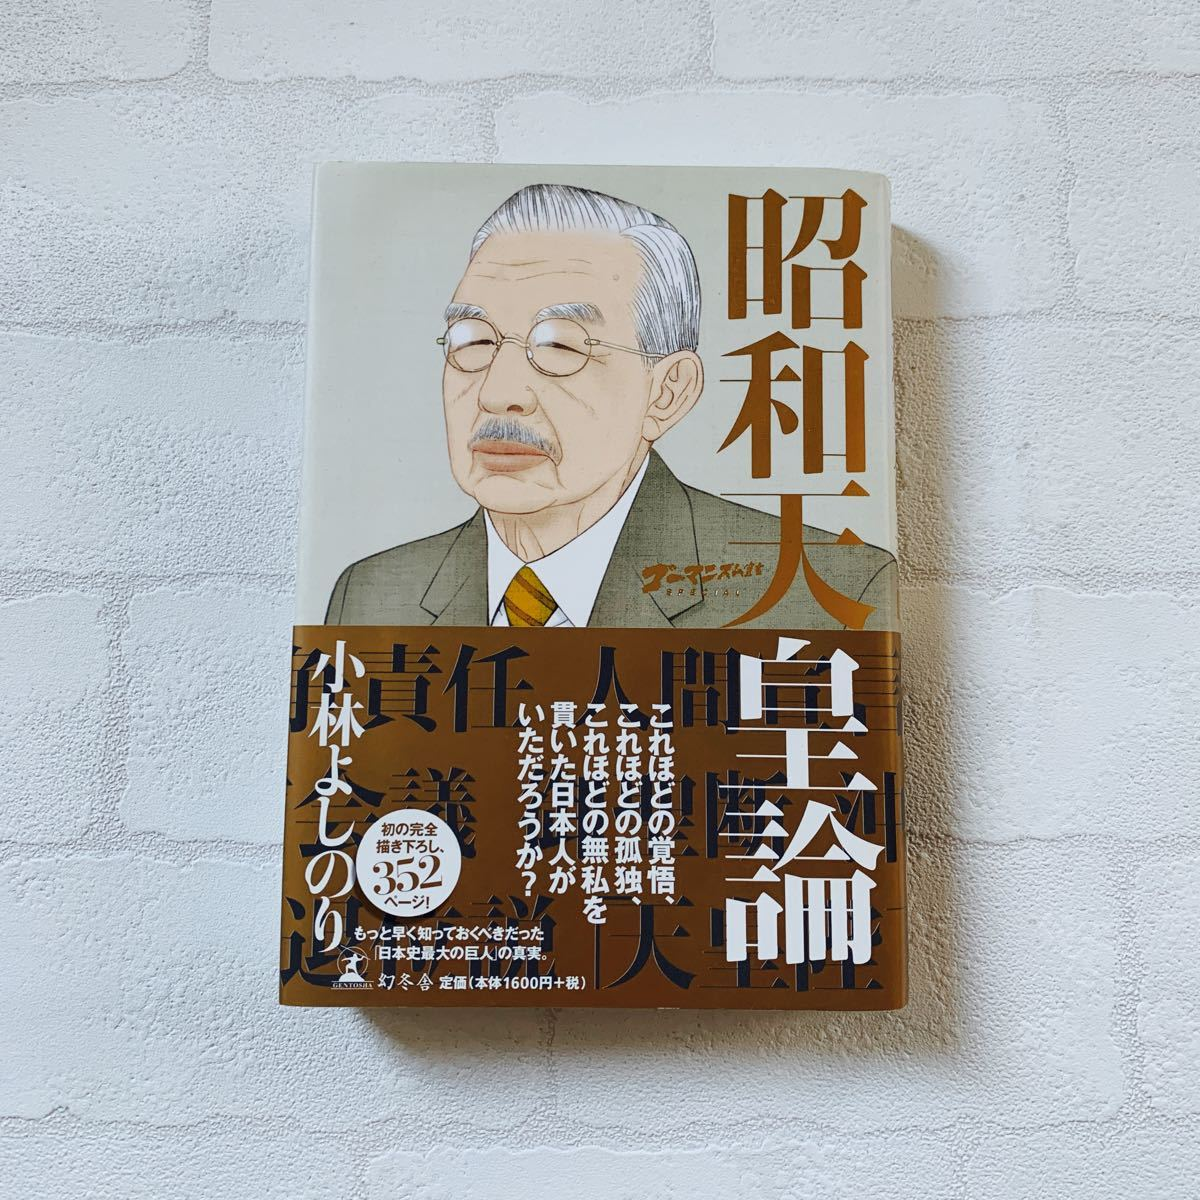 昭和天皇論 : ゴーマニズム宣言special  小林よしのり